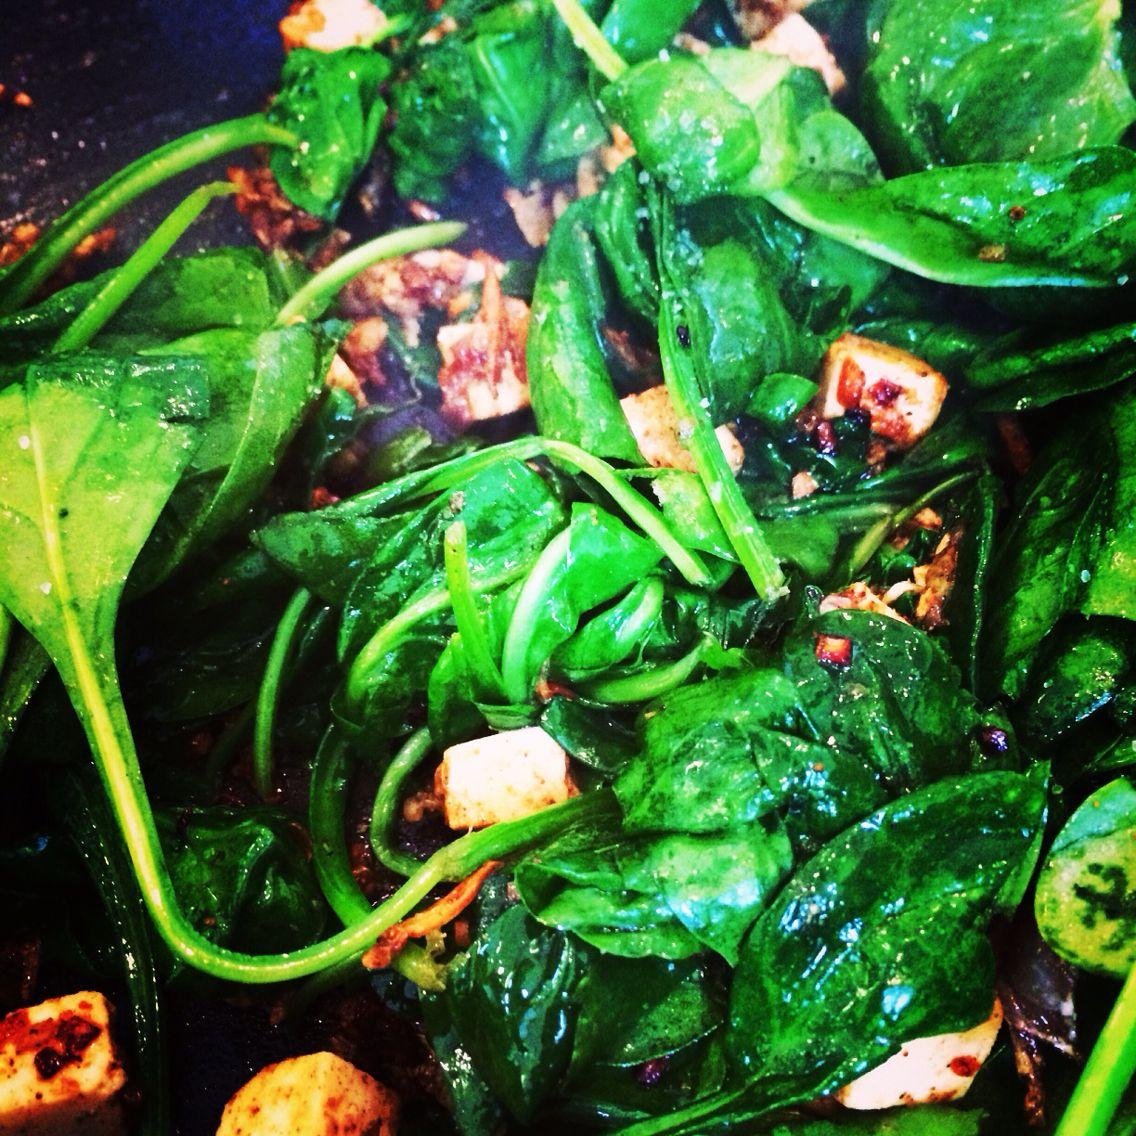 Semaine Prochaine Venez Decouvrir La Cuisine Thai Ptitchefacademy Caen Coursdecuisine Cours De Cuisine Pour Enfants Cours De Cuisine Cuisine Thai